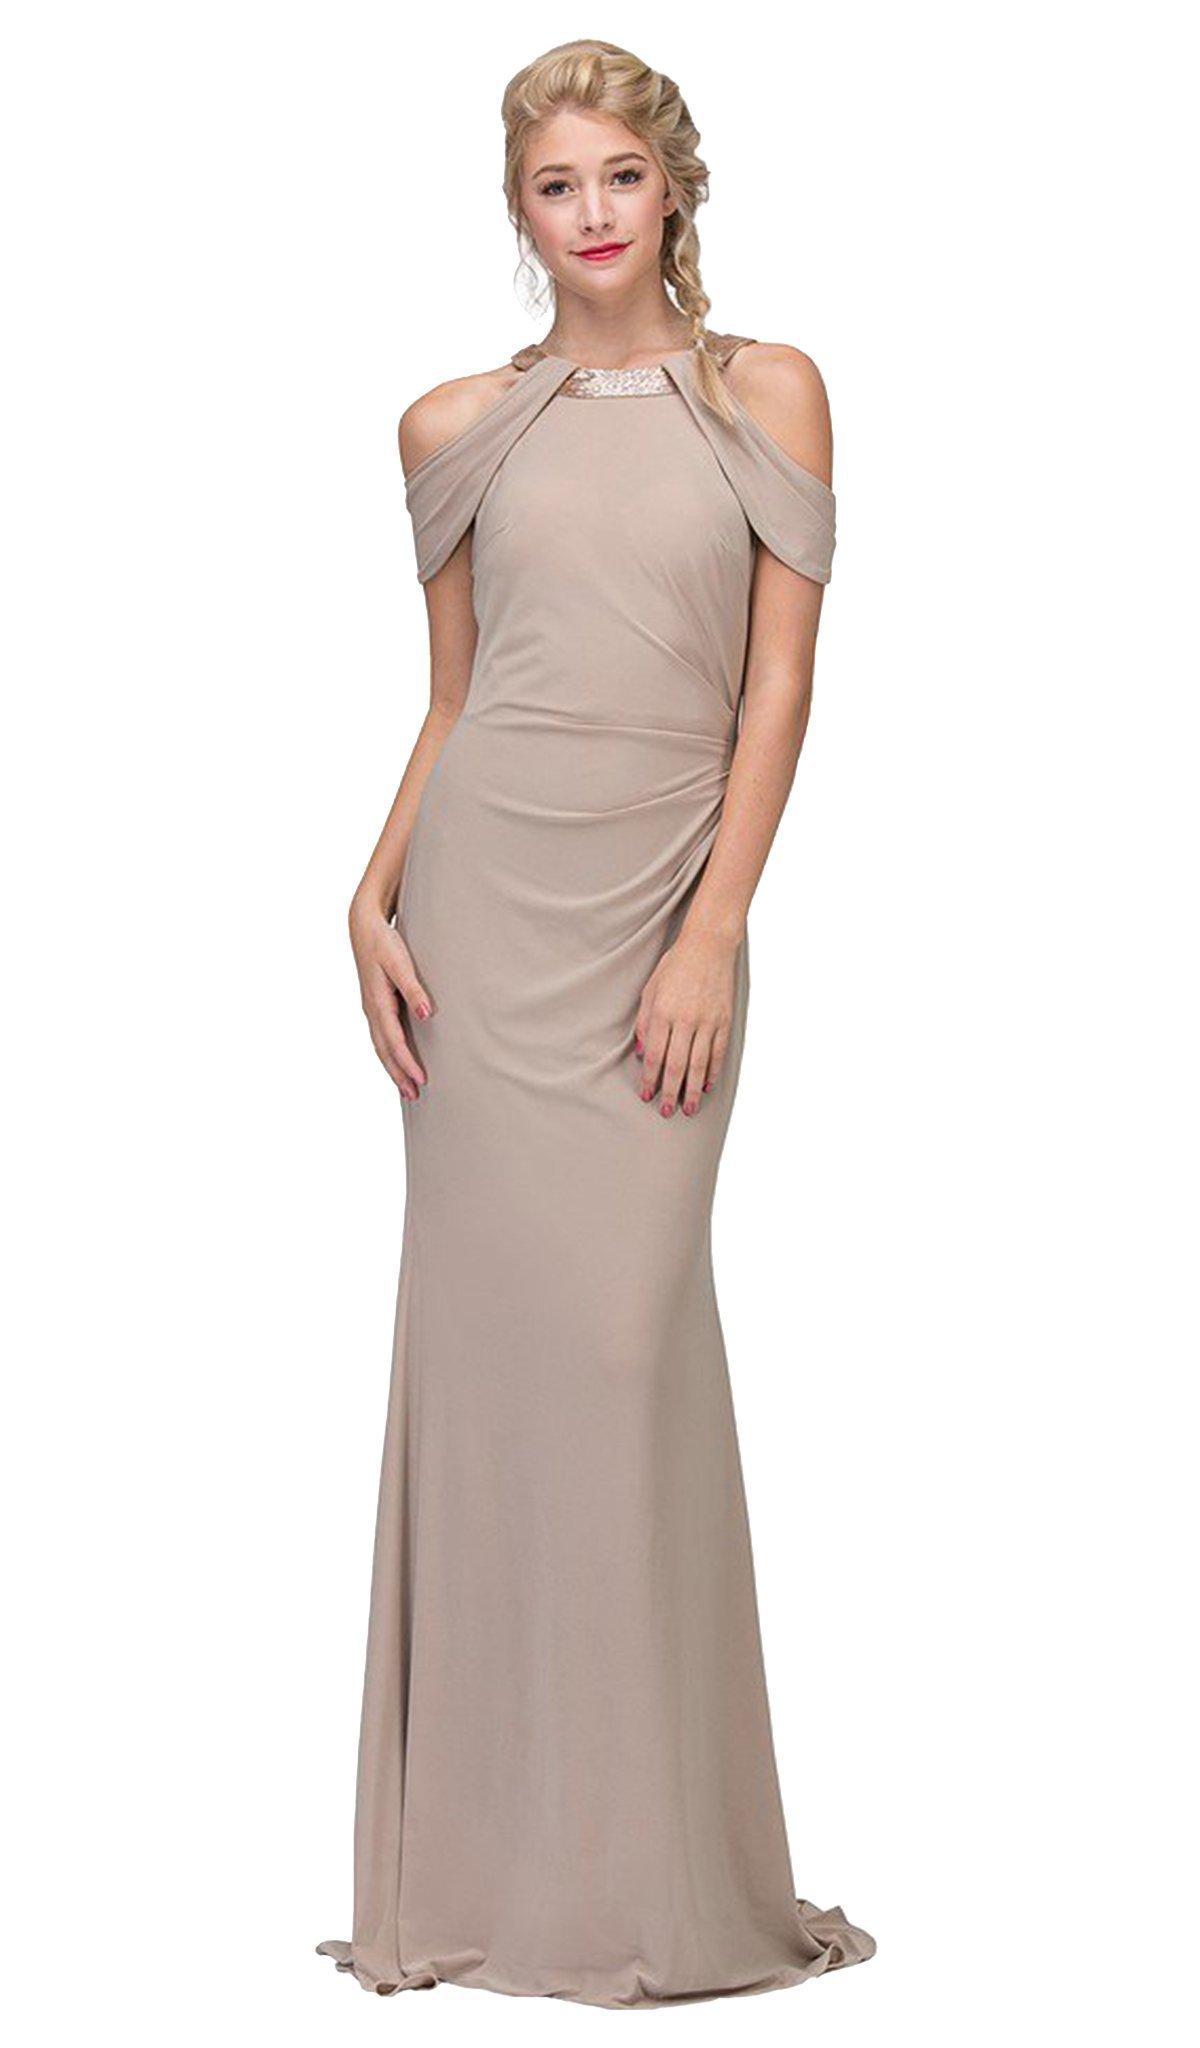 Eureka Fashion - Embellished Jewel Neck Satin Sheath Evening Dress